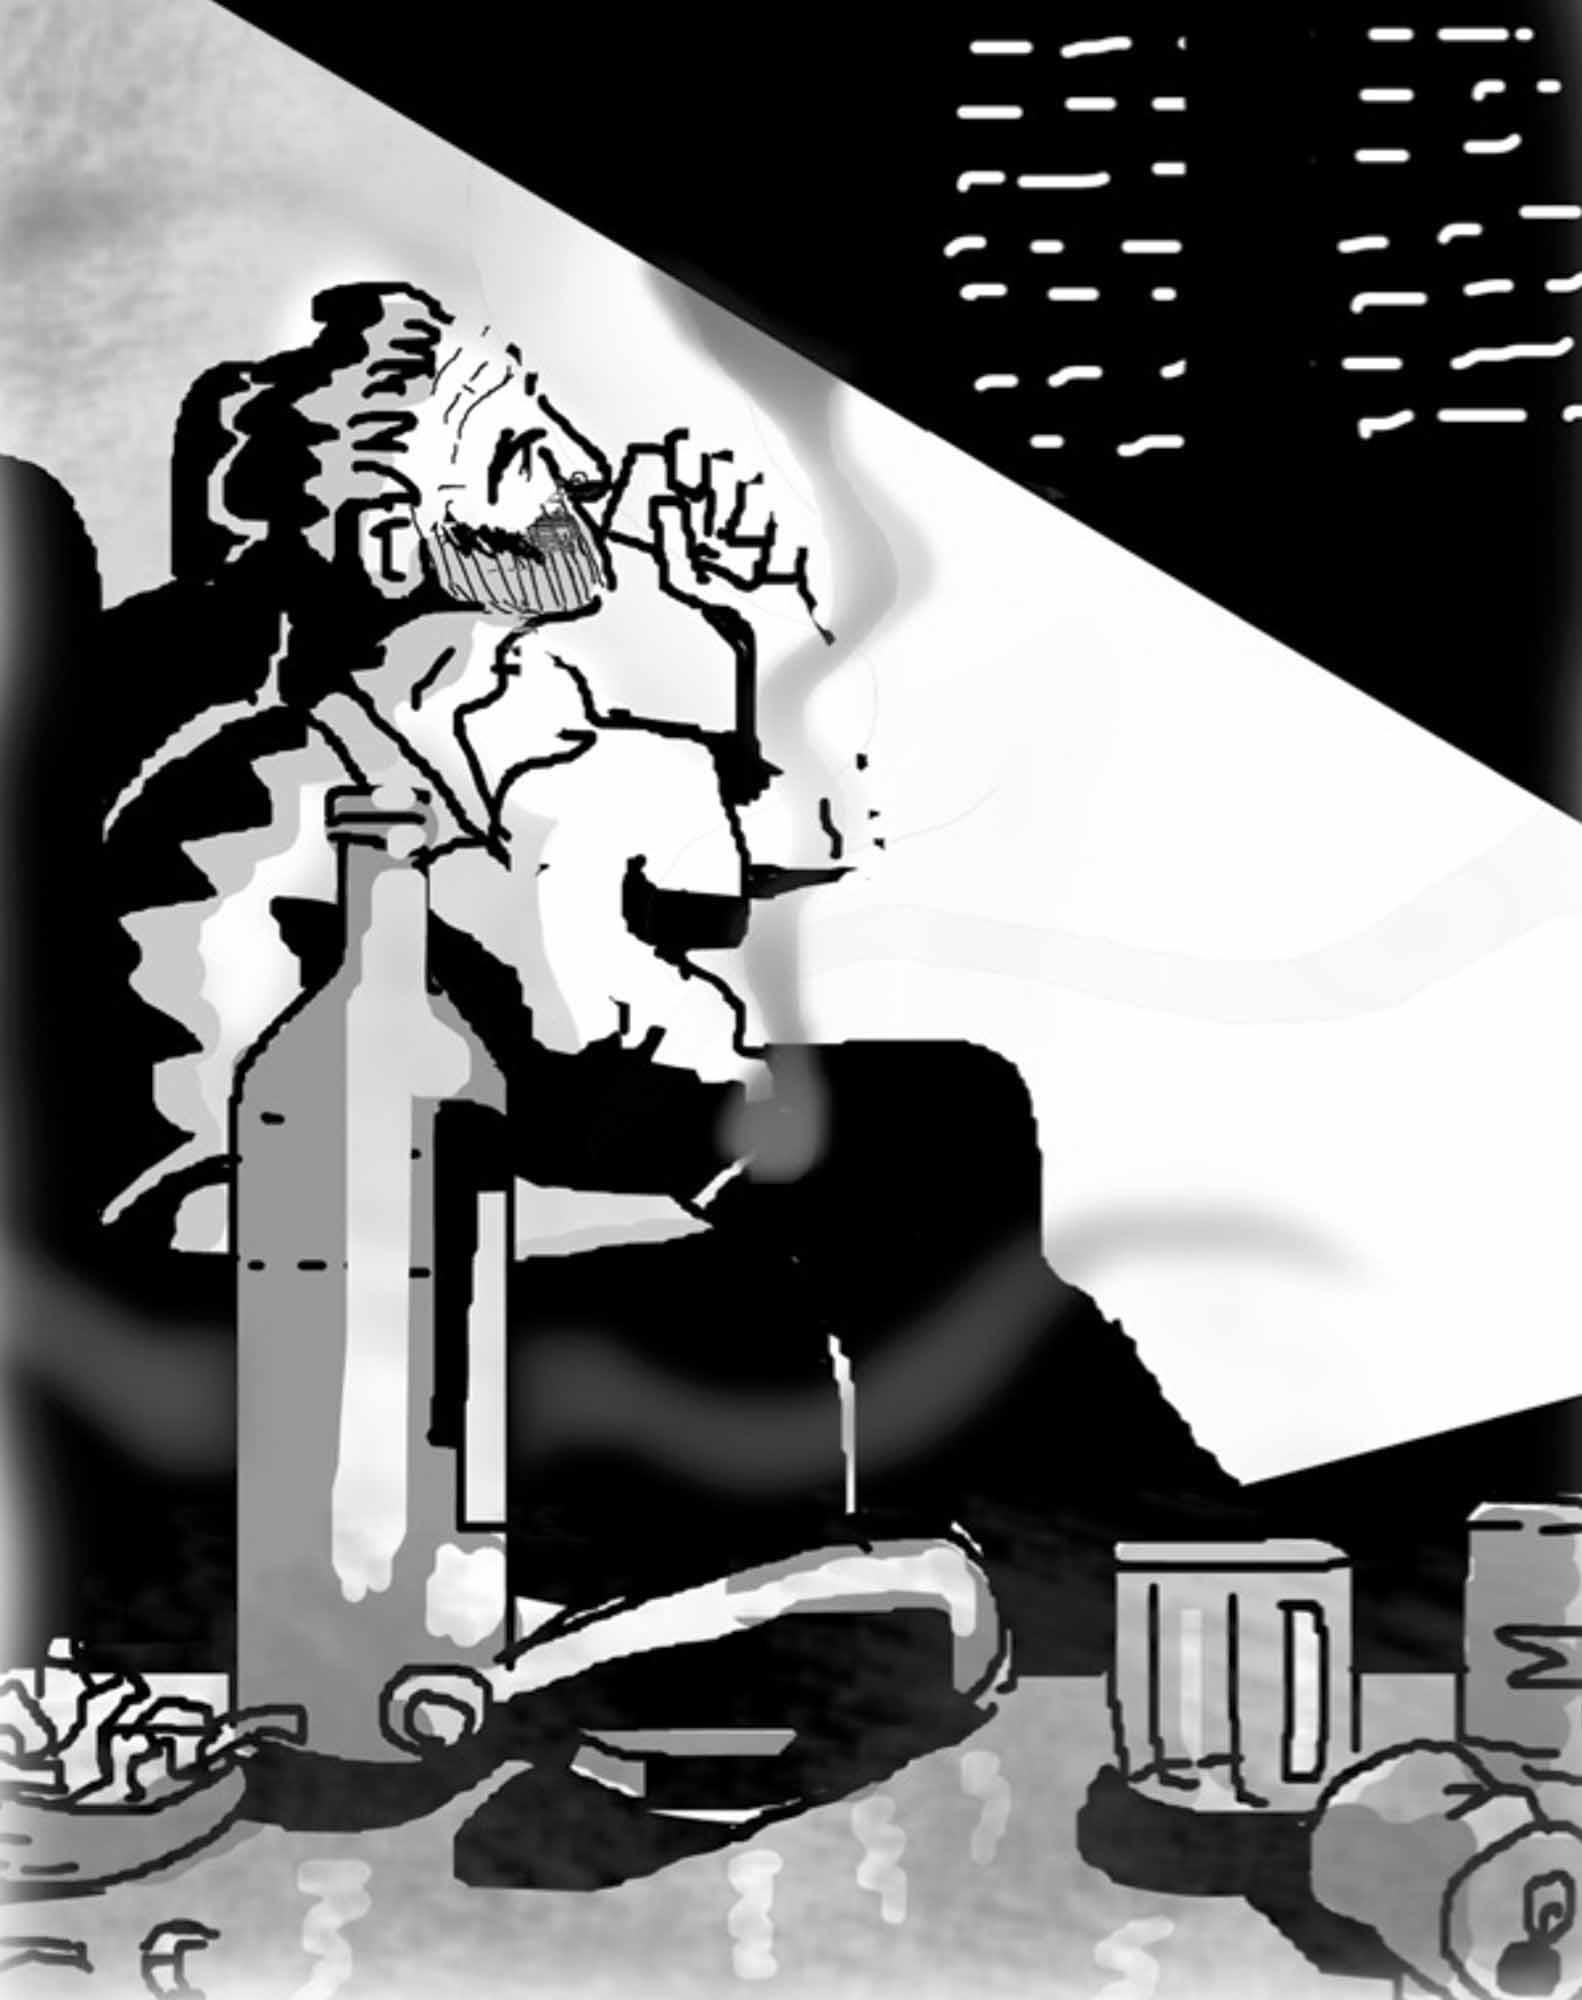 Ilustración de Enrique Oria para La agenda negra